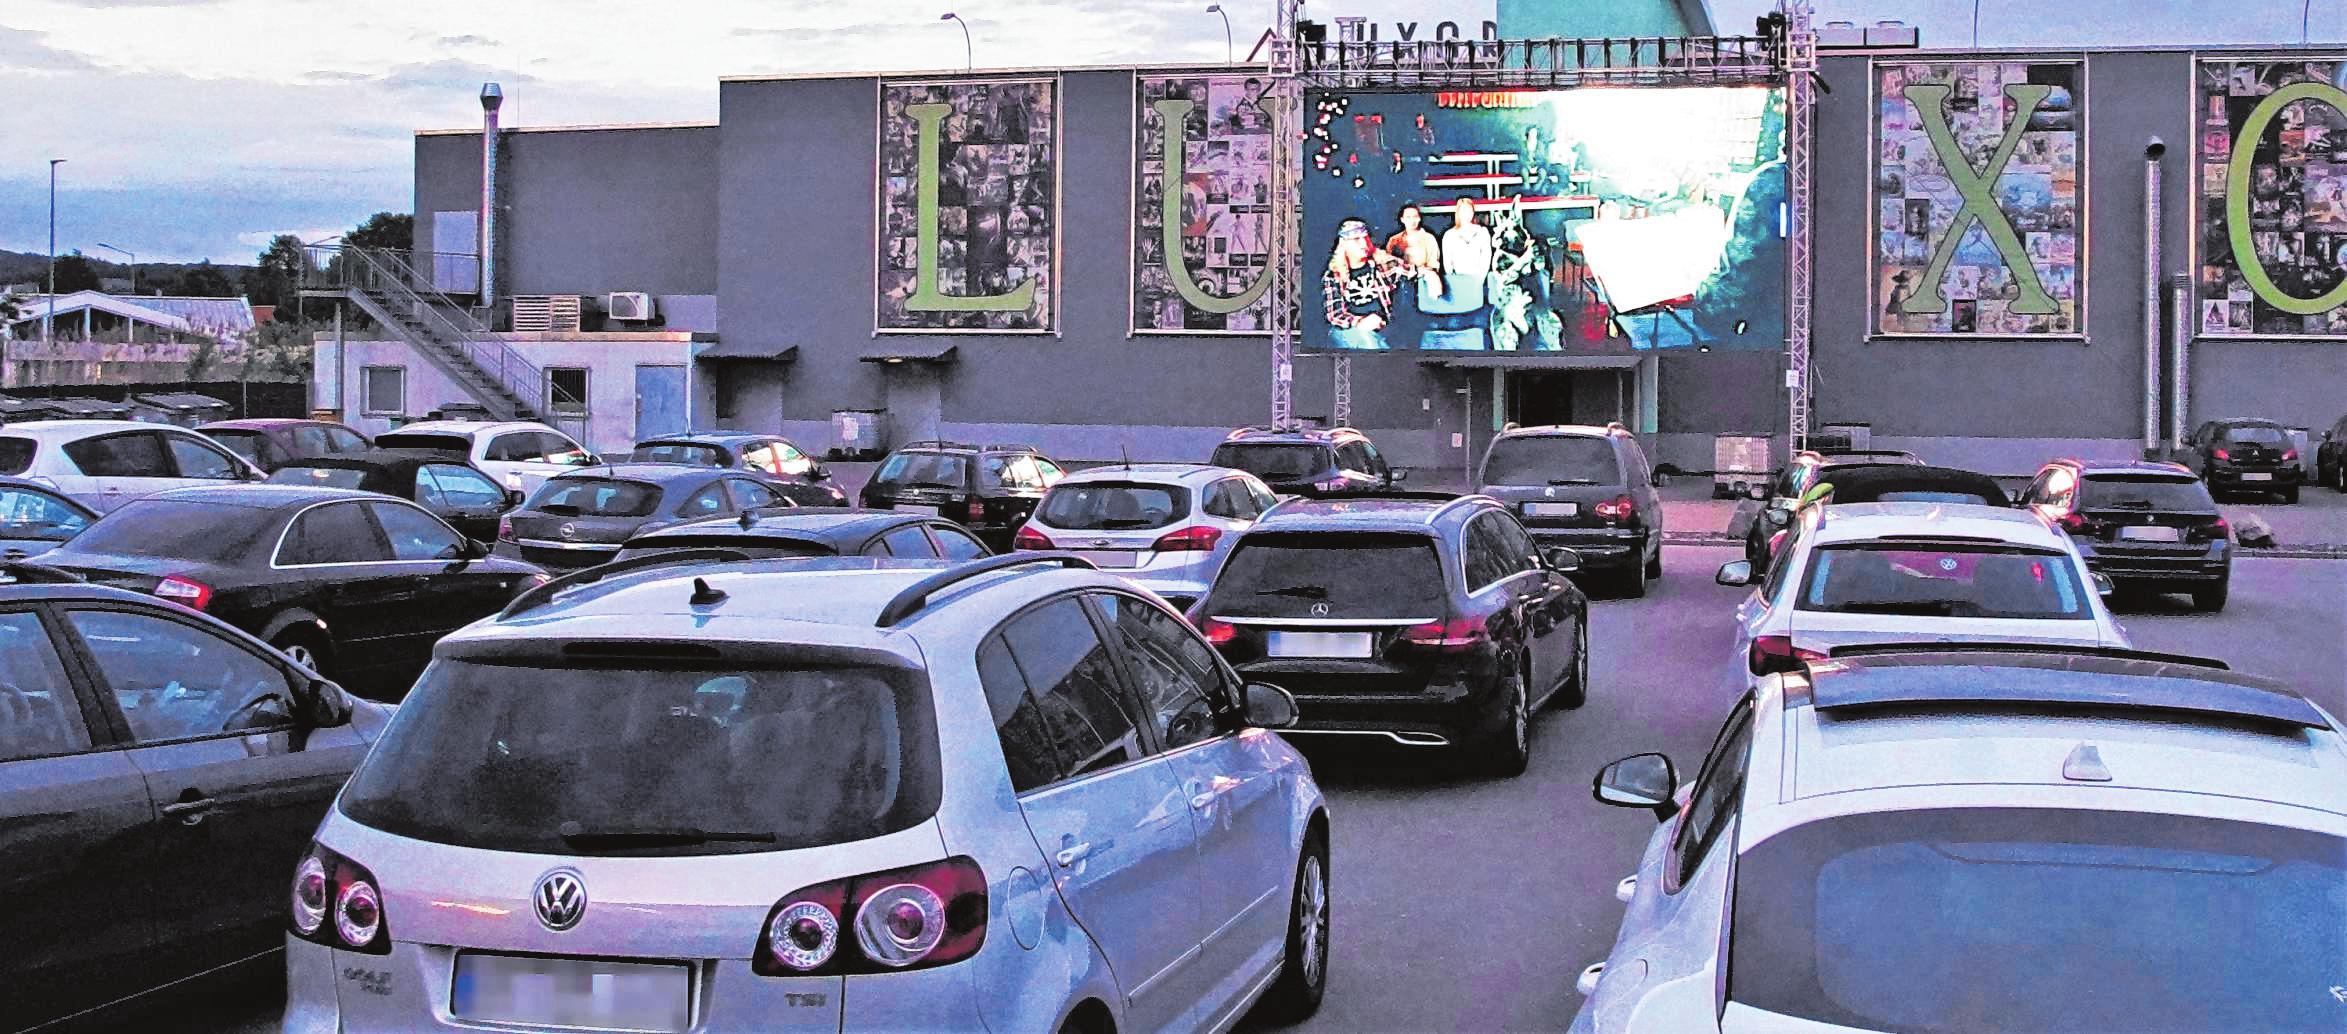 Zwischenzeitlich sorgten in der Hochphase der Corona-Beschränkungen Auto-Kinoabende auf dem Luxor-Parkplatz für willkommende Abwechslung